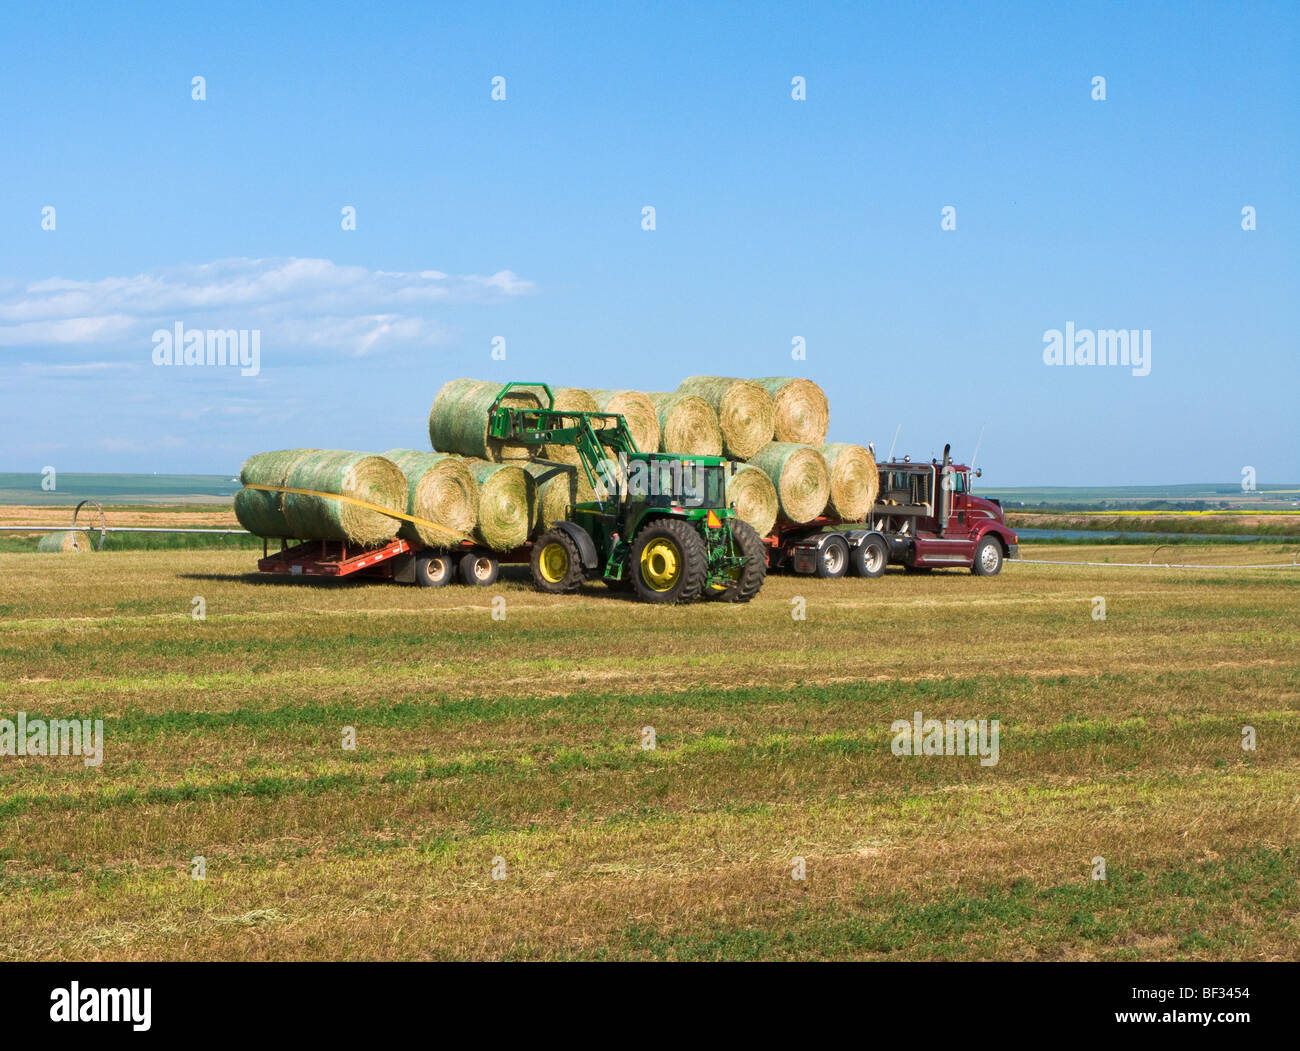 Agricoltura - Caricamento round alfalfa balle di fieno su un rimorchio di un trattore servendosi di un trattore Immagini Stock